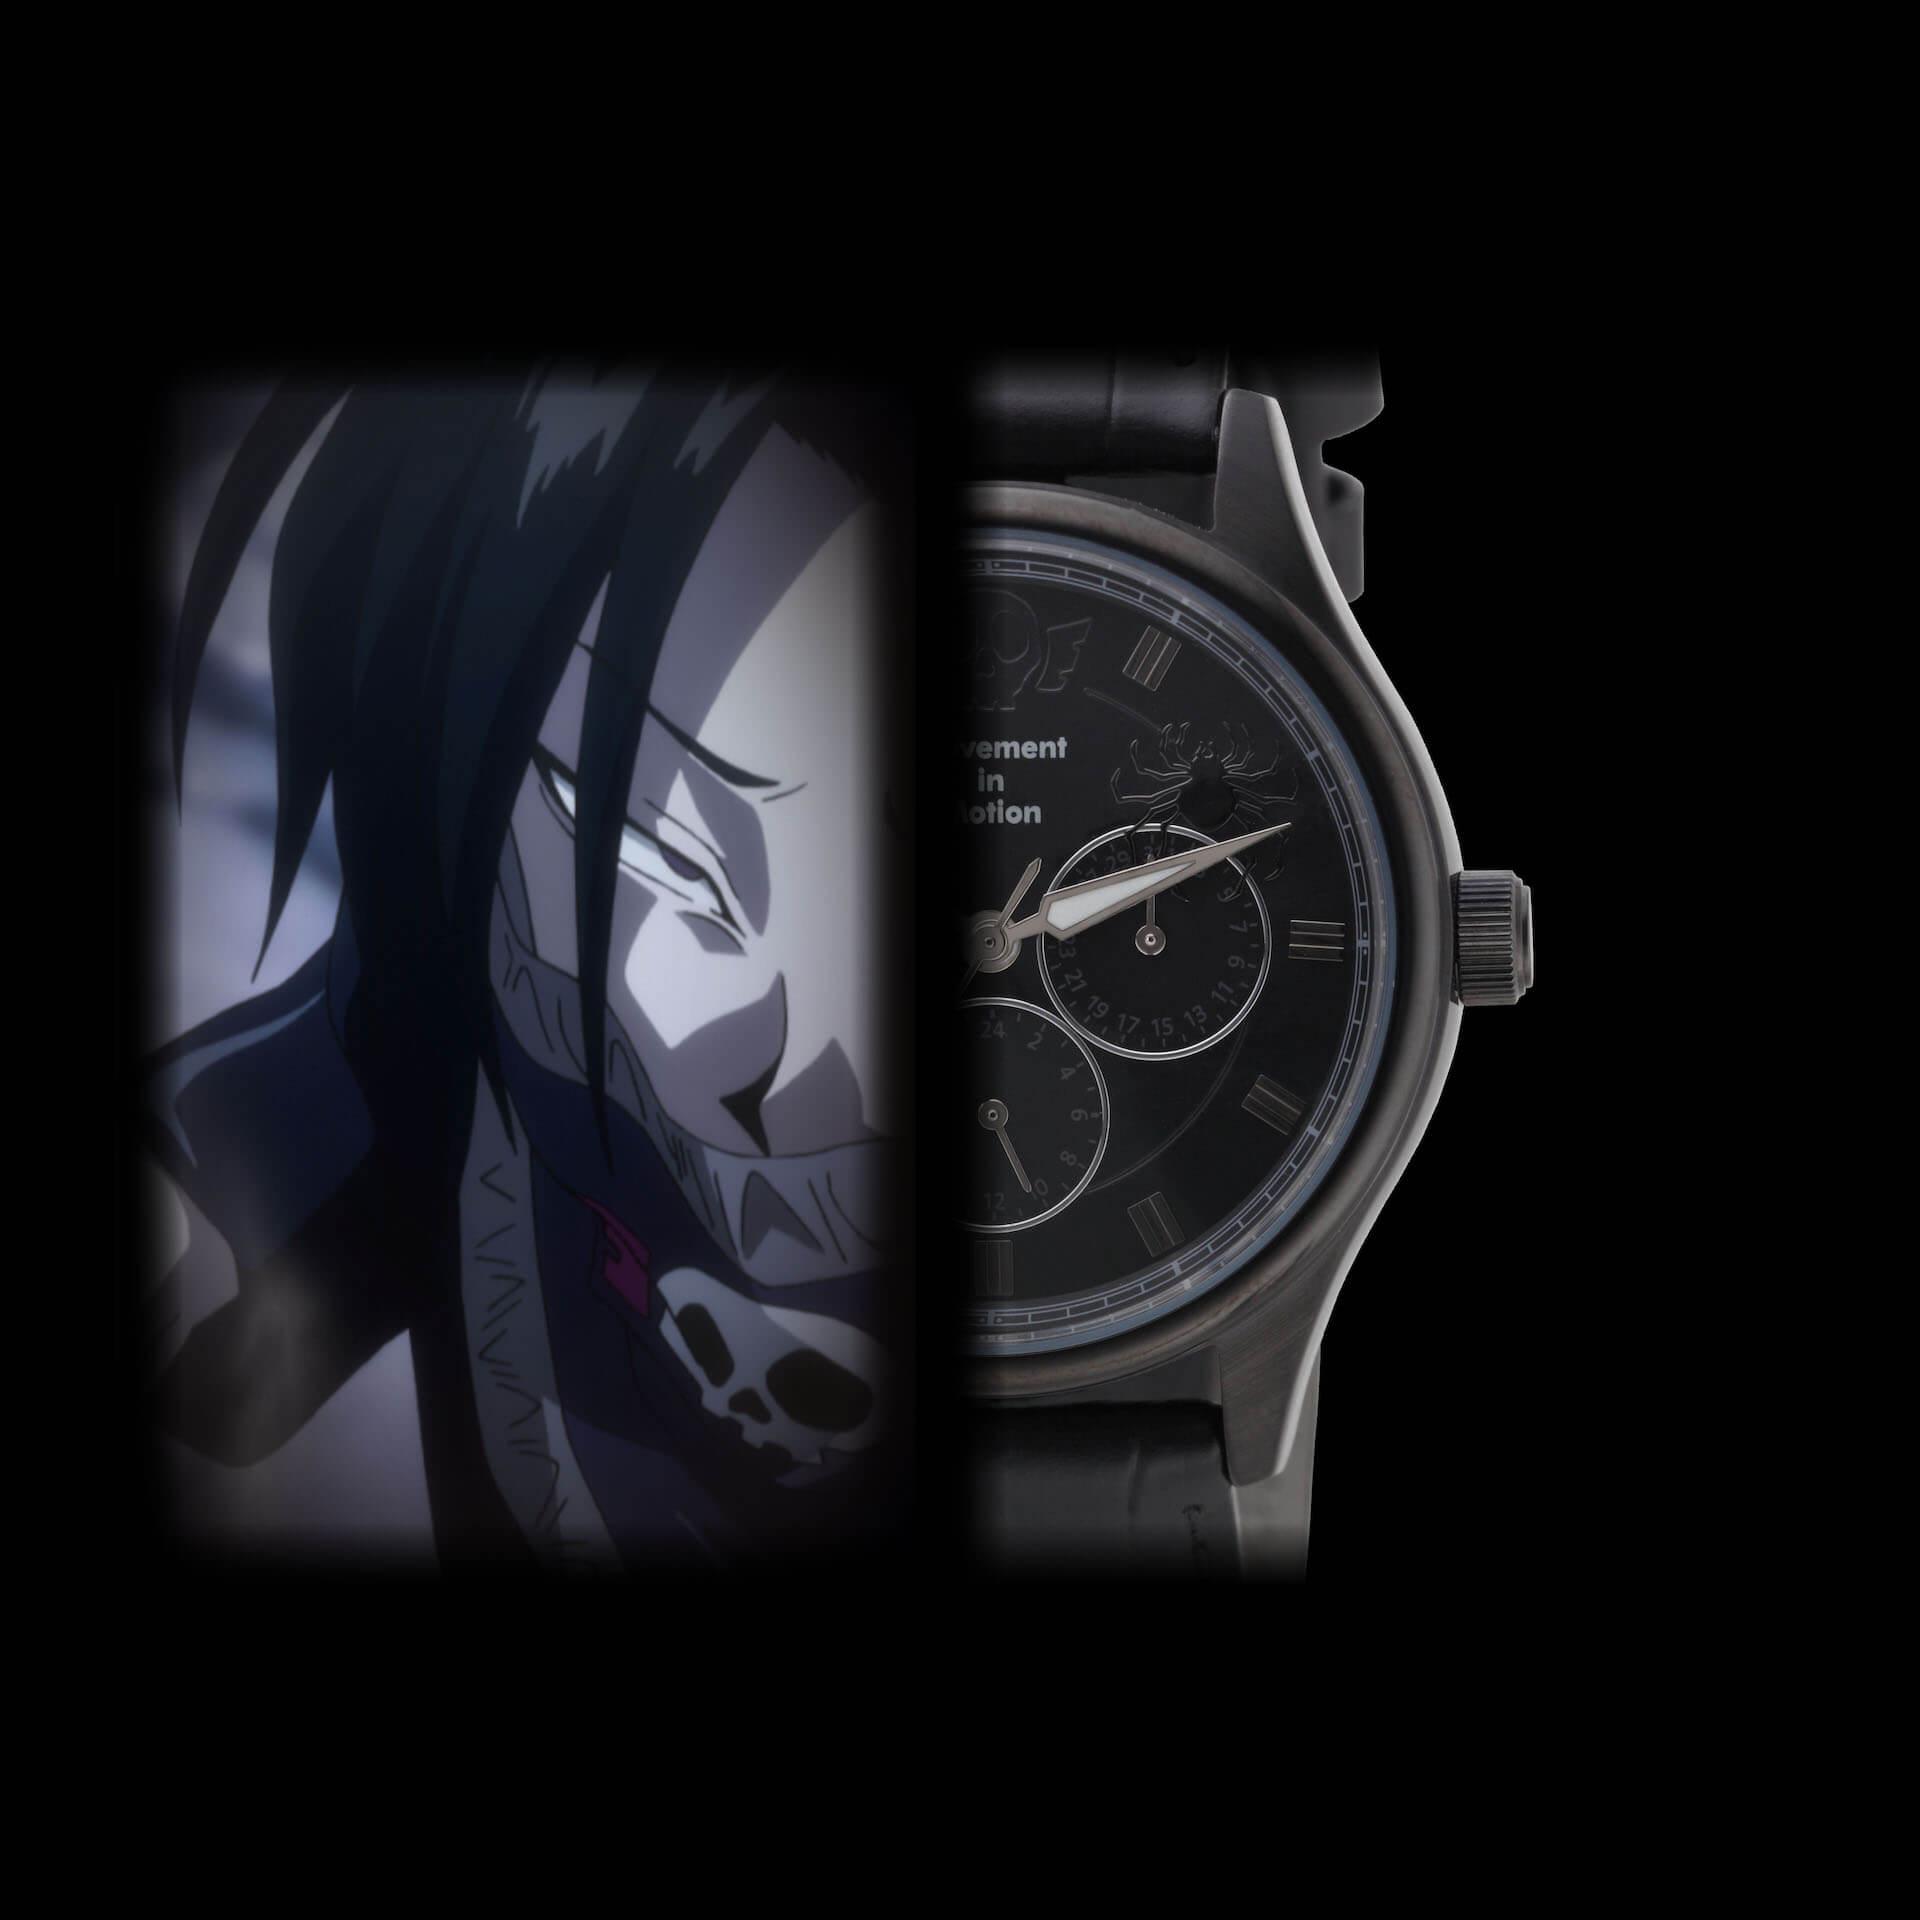 HUNTER×HUNTERとTiCTACの初コラボレーション腕時計が登場|ゴンやヒソカたち、人気キャラクターを表現 sub7-1